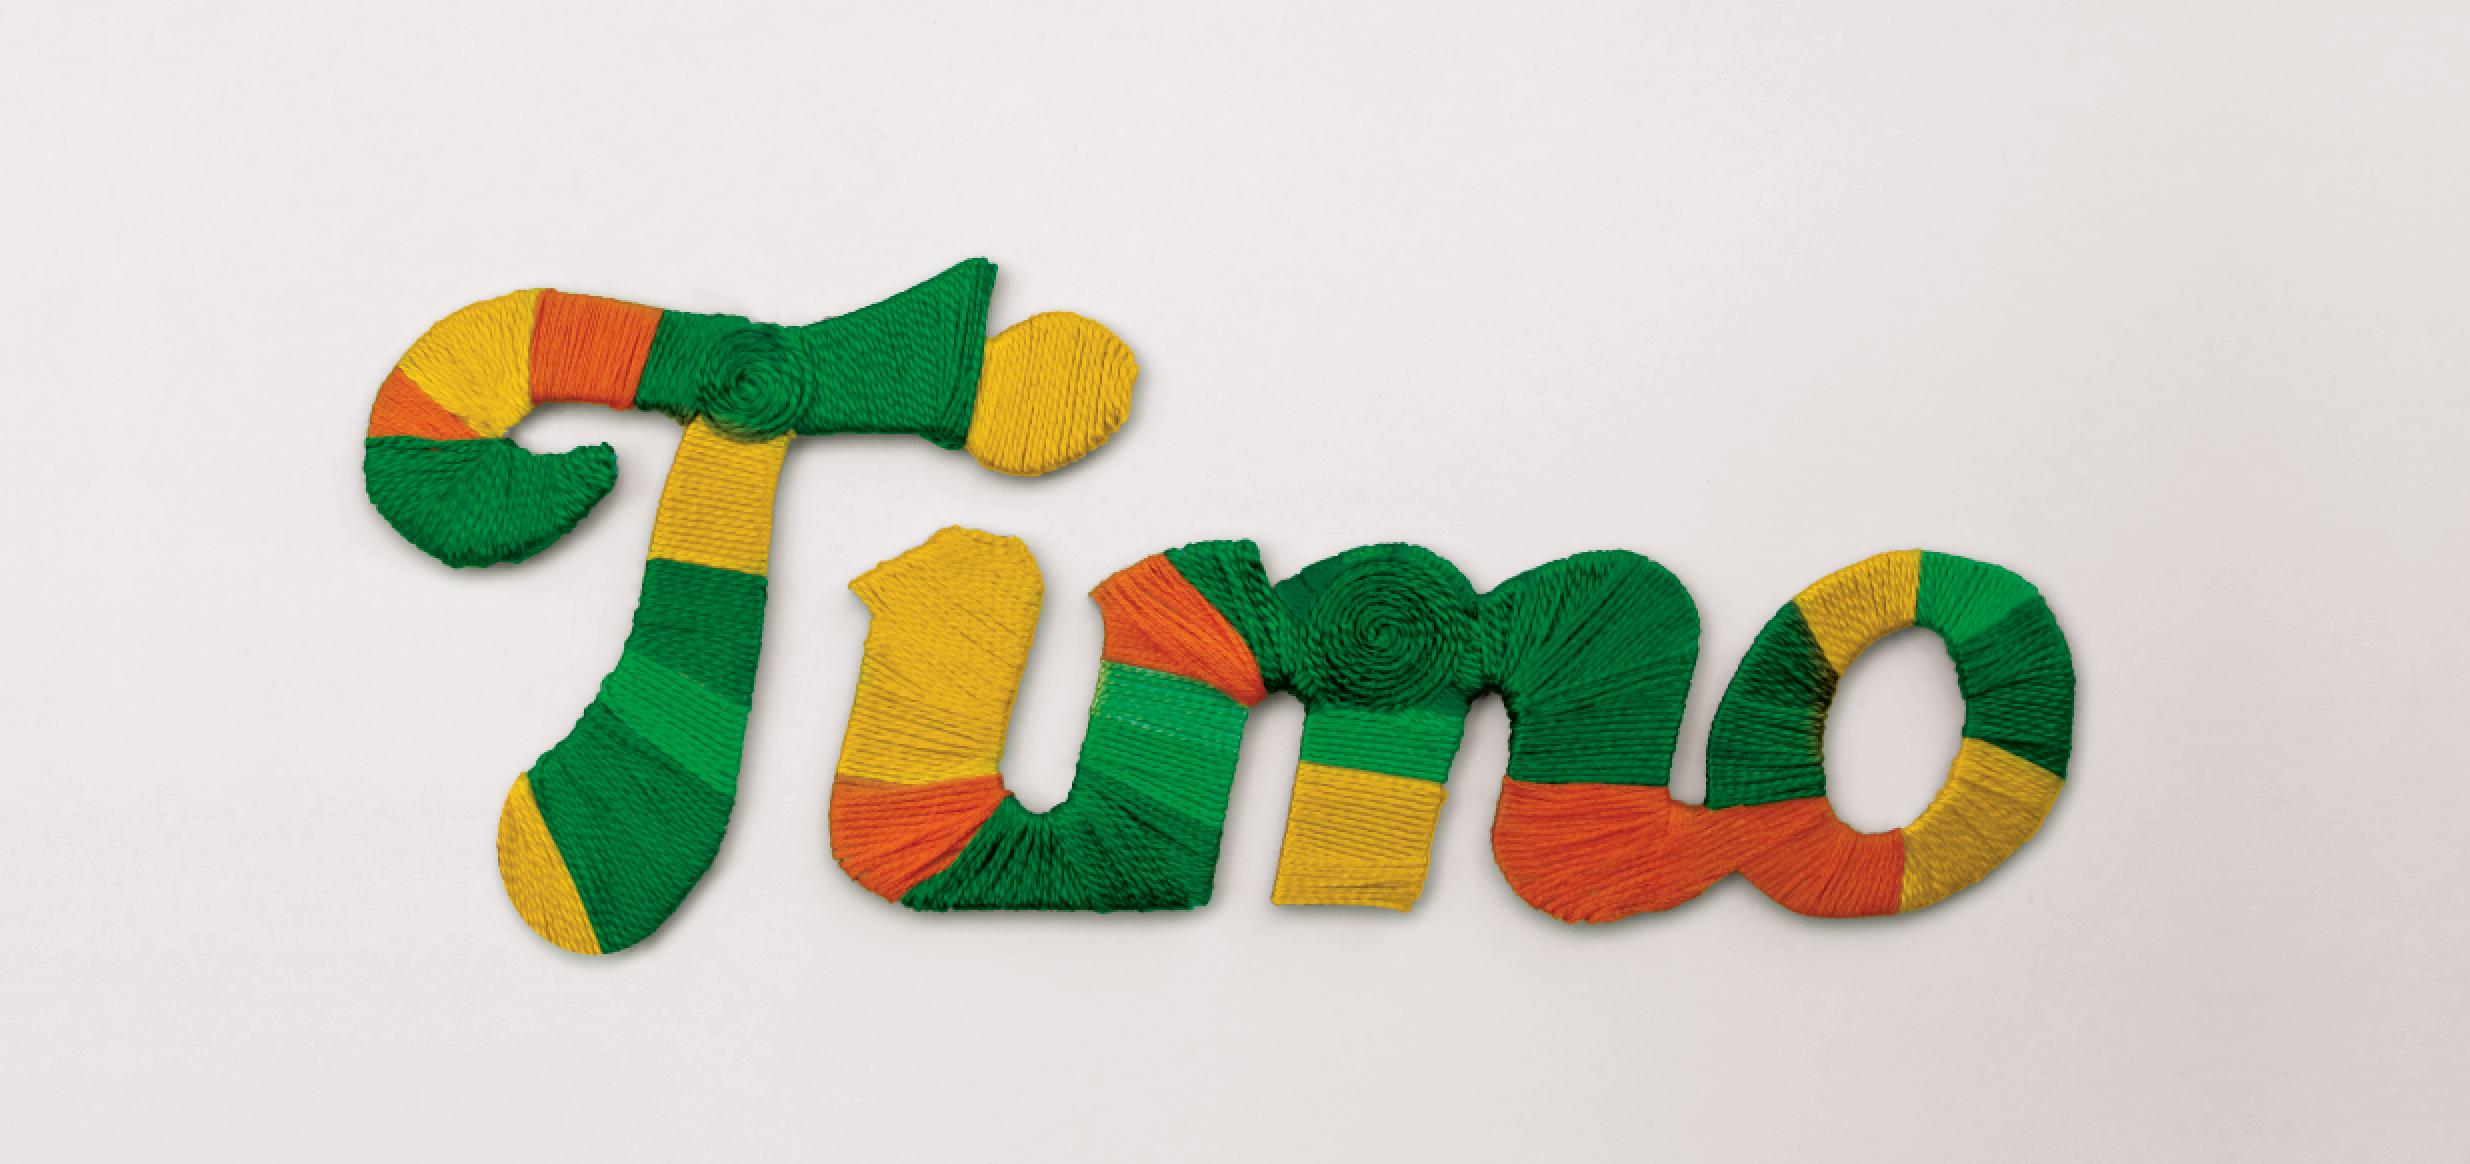 Warm doopsuiker - De kleuren van de wol mag je zelf kiezen!